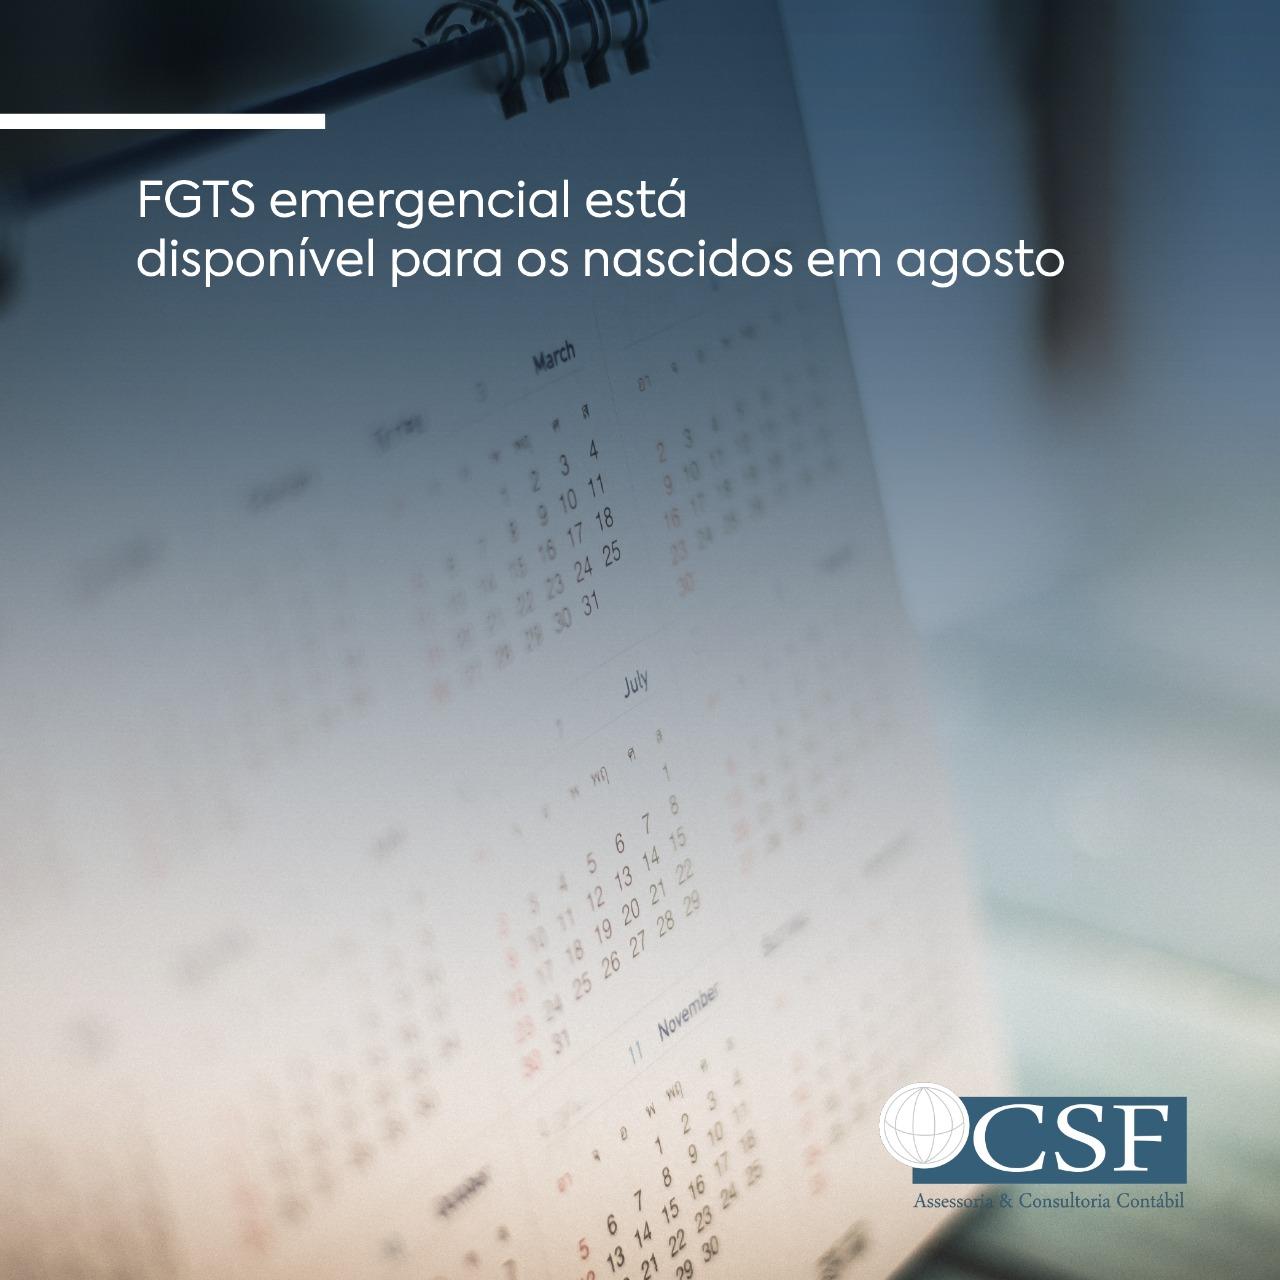 FGTS emergencial está disponível para os nascidos em agosto